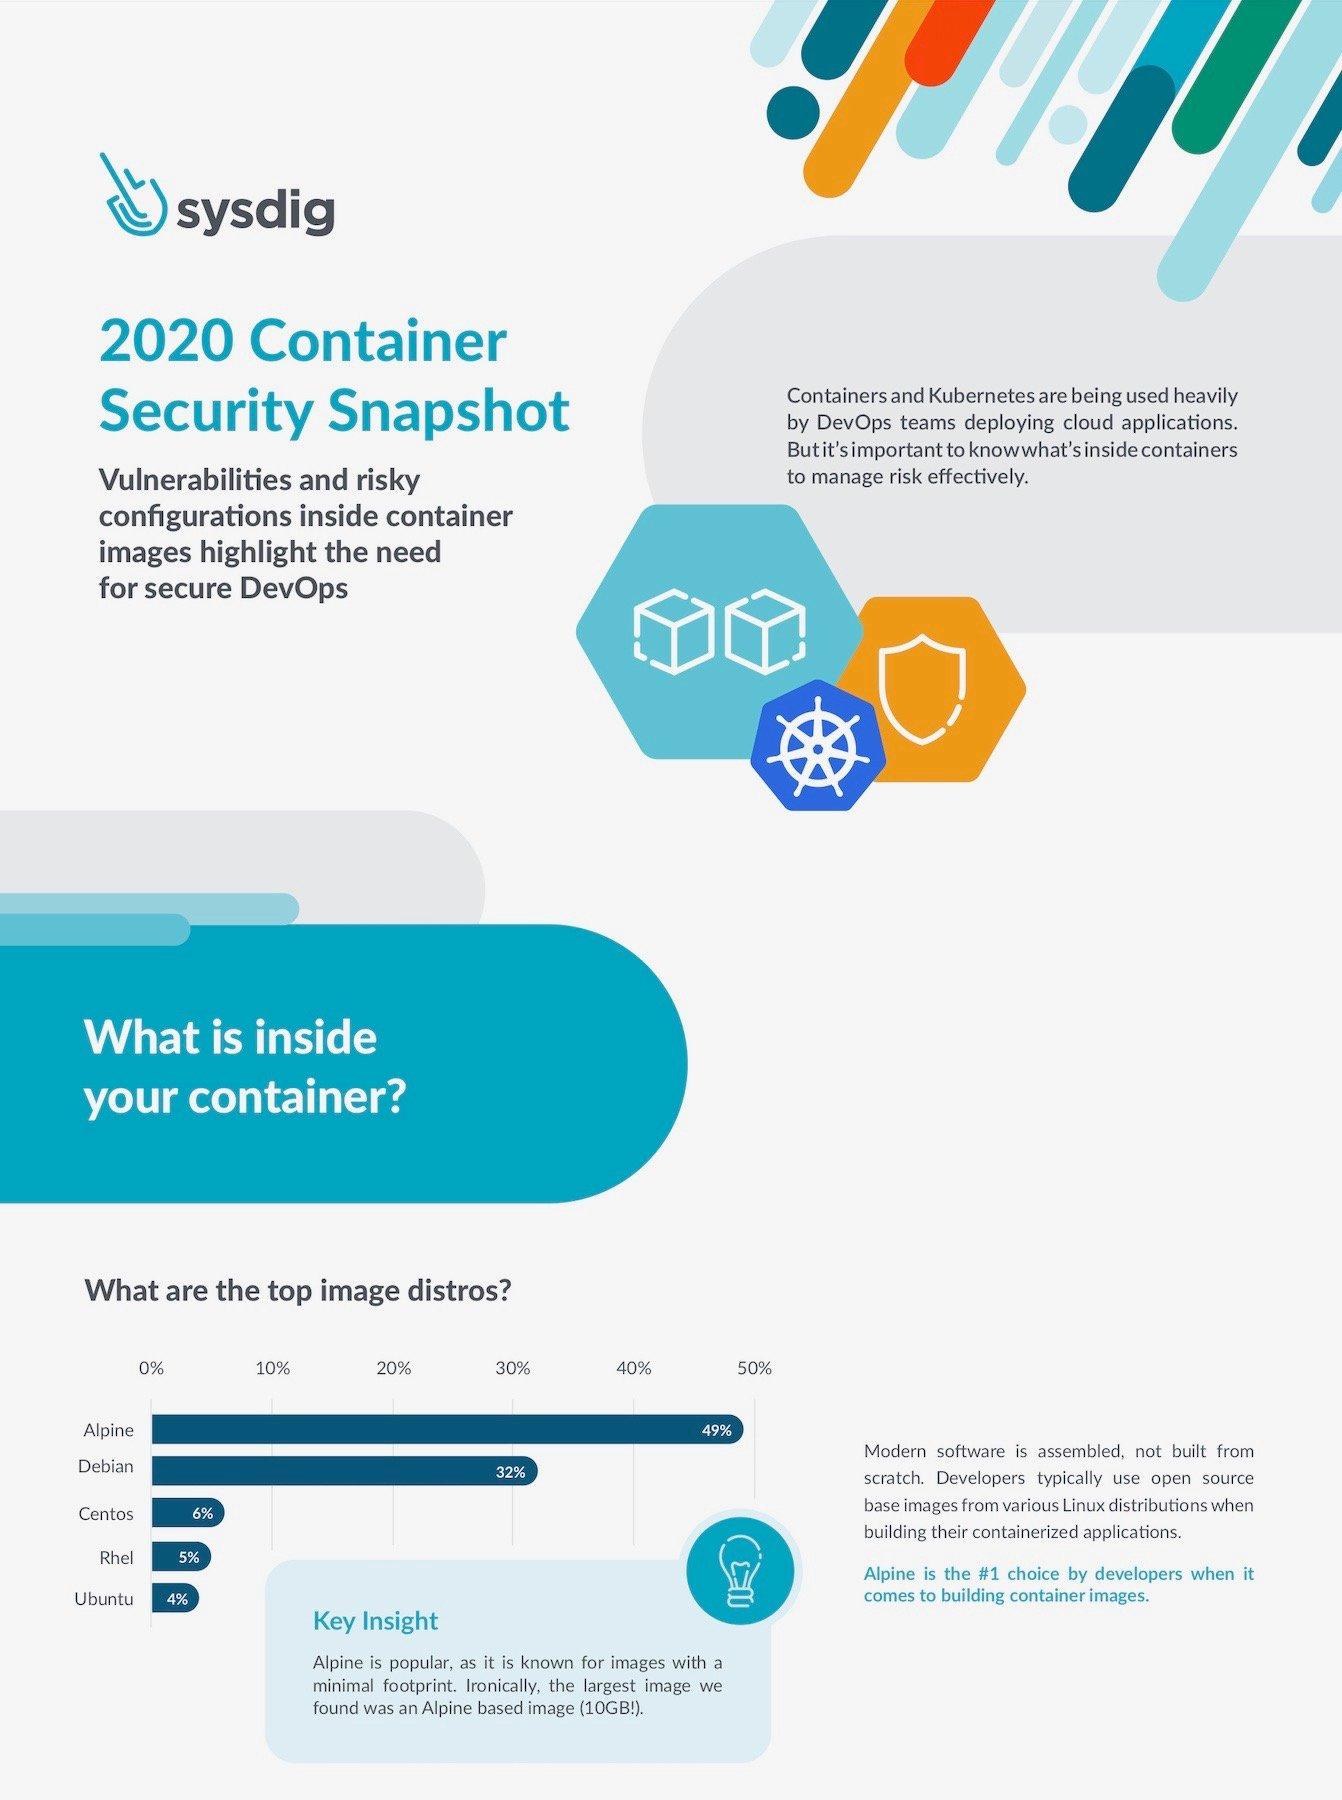 2020 Container Sec Snapshot